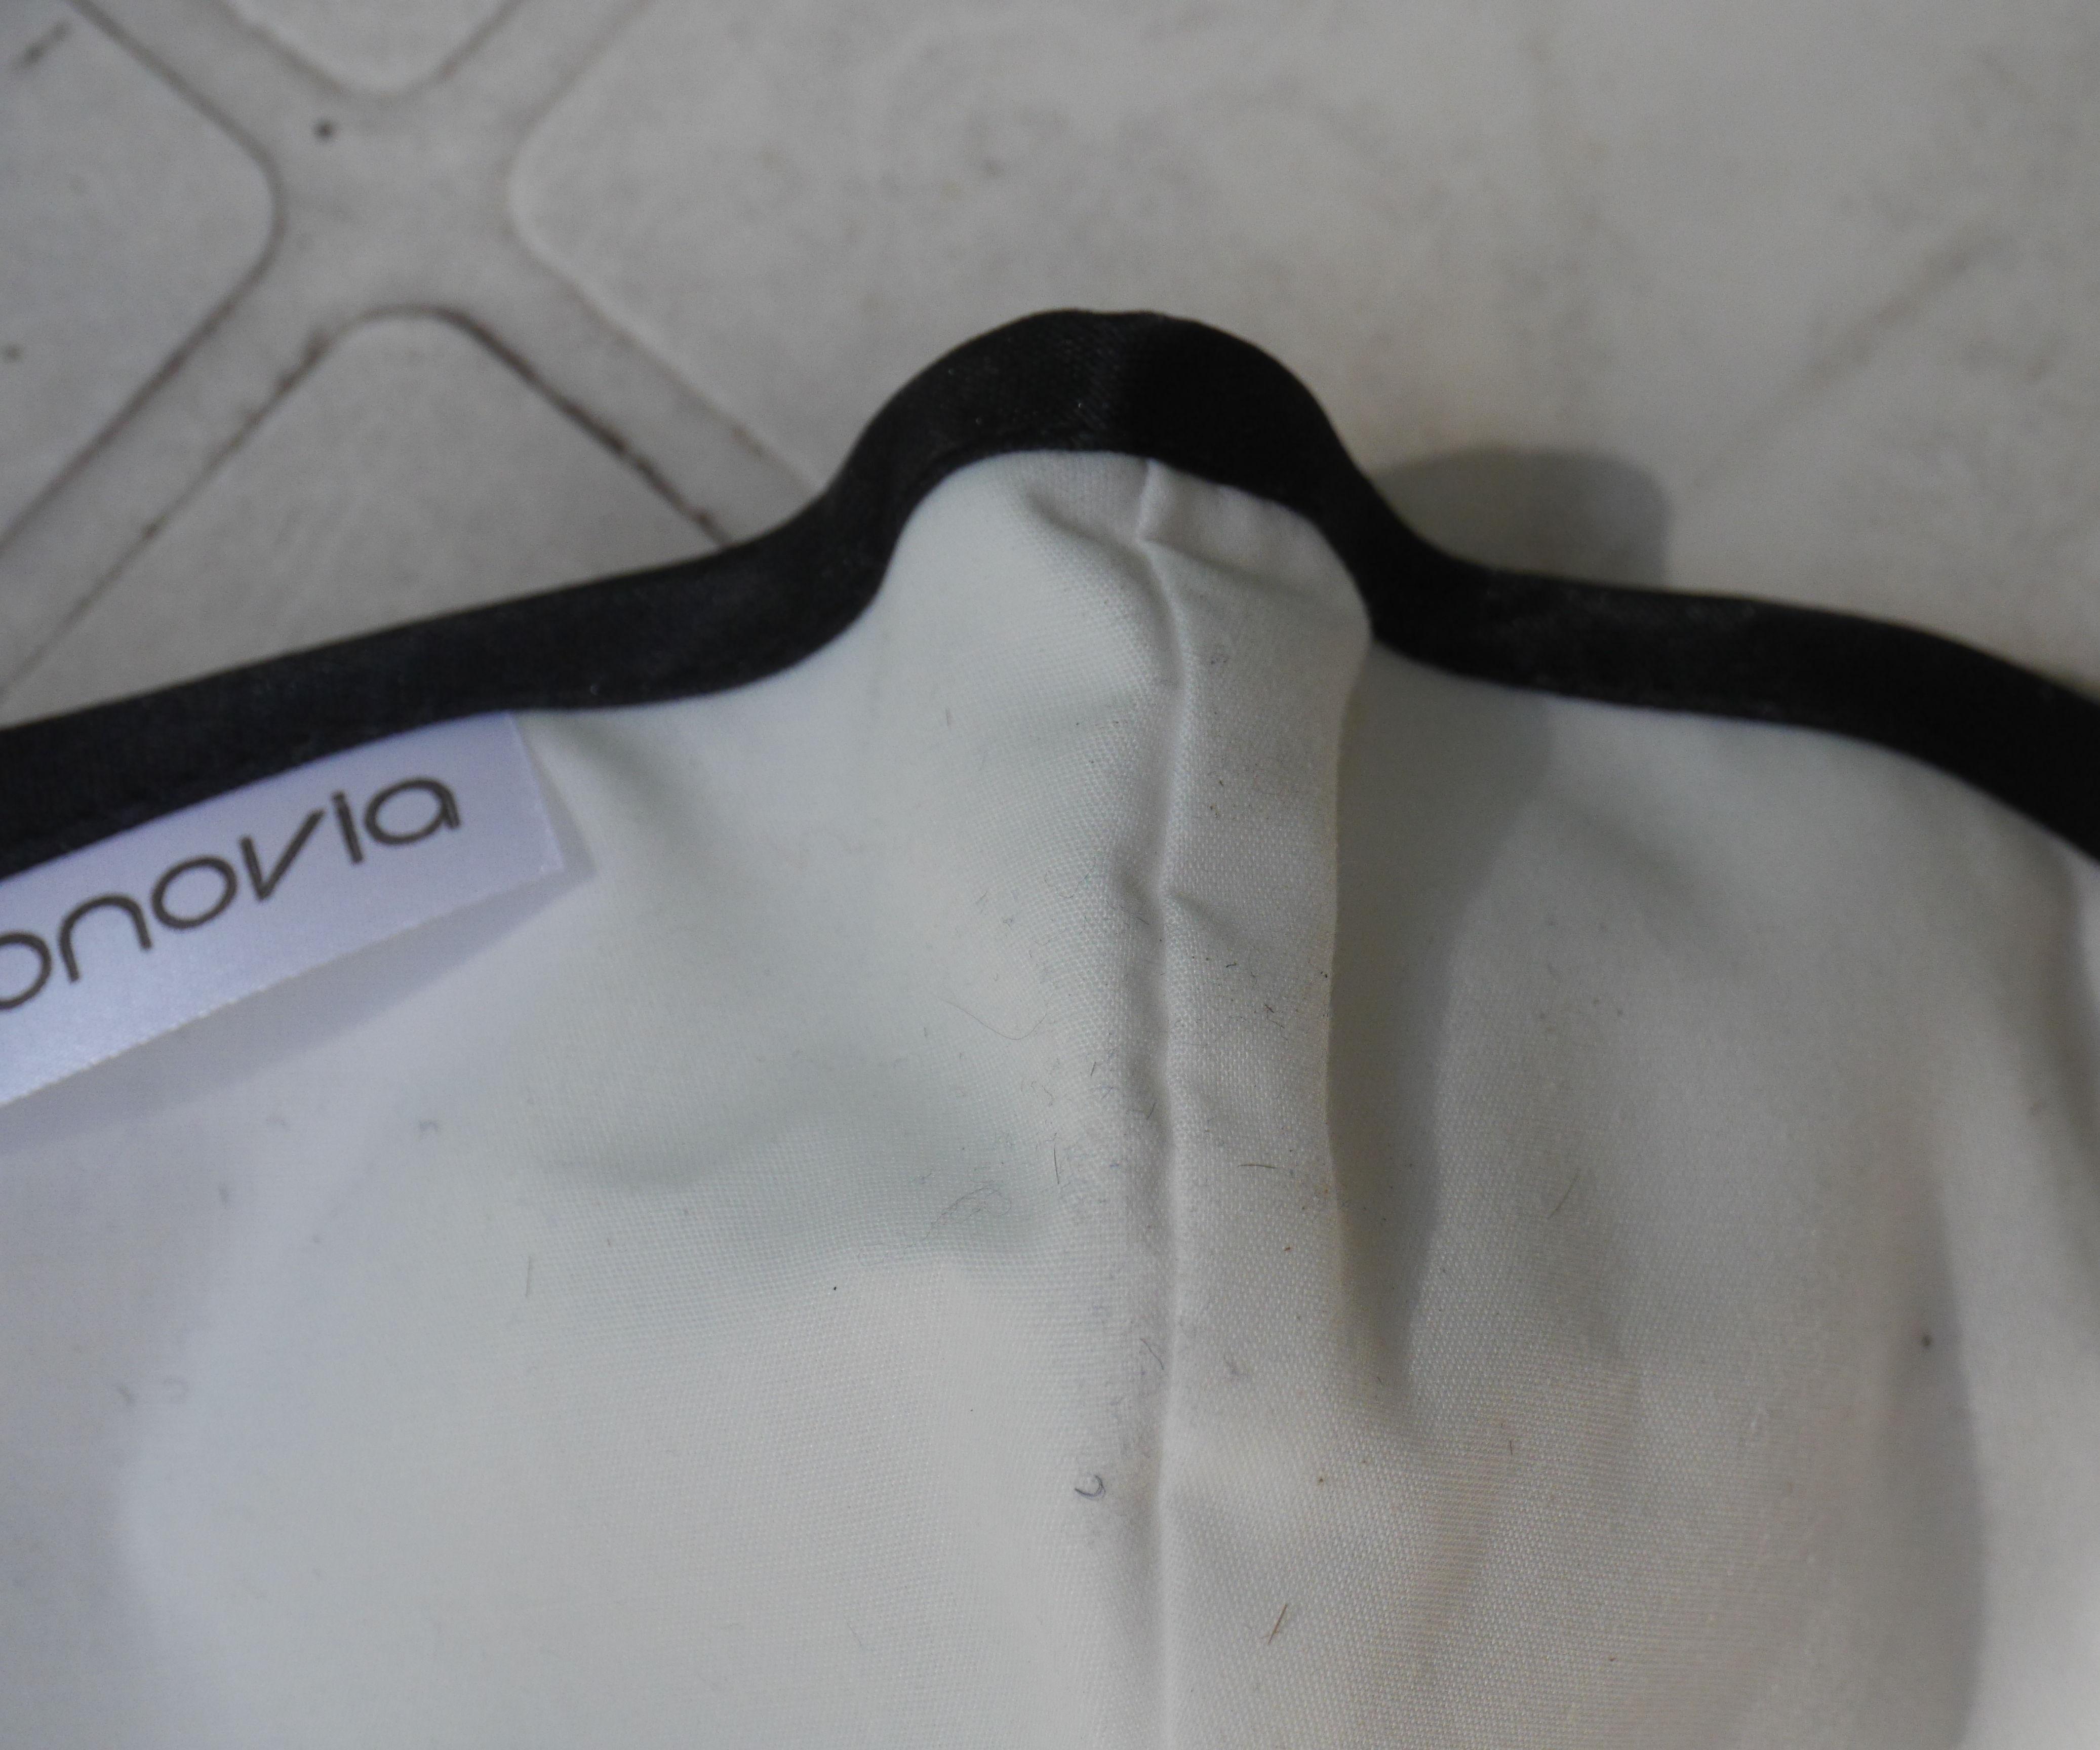 Adding a Nose Wire to a Sonovia Cloth Mask